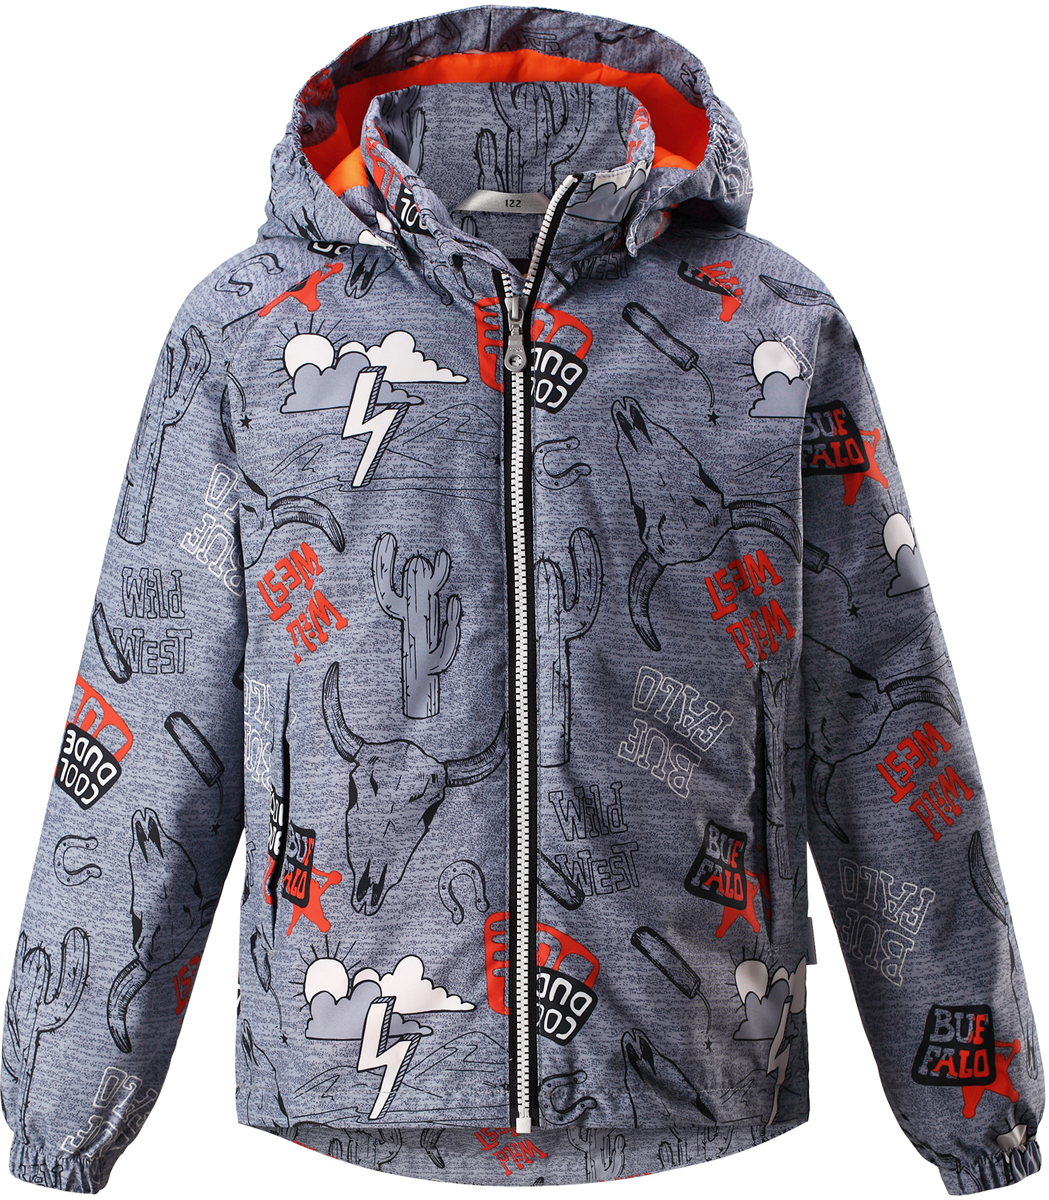 Куртка для мальчика Lassie, цвет: серый. 721725R2751. Размер 128721725R2751Детская куртка Lassie идеально подойдет для ребенка в холодное время года. Куртка изготовлена из водоотталкивающей и ветрозащитной ткани. Материал отличается высокой устойчивостью к трению, благодаря специальной обработке полиуретаном поверхность изделия отталкивает грязь и воду, что облегчает поддержание аккуратного вида одежды, дышащее покрытие с изнаночной части не раздражает даже самую нежную и чувствительную кожу ребенка, обеспечивая ему наибольший комфорт. Куртка застегивается на пластиковую застежку-молнию с защитой подбородка, благодаря чему ее легко надевать и снимать. Края рукавов дополнены неширокими эластичными манжетами. Также модель дополнена светоотражающими элементами для безопасности в темное время суток. Все швы проклеены, не пропускают влагу и ветер.